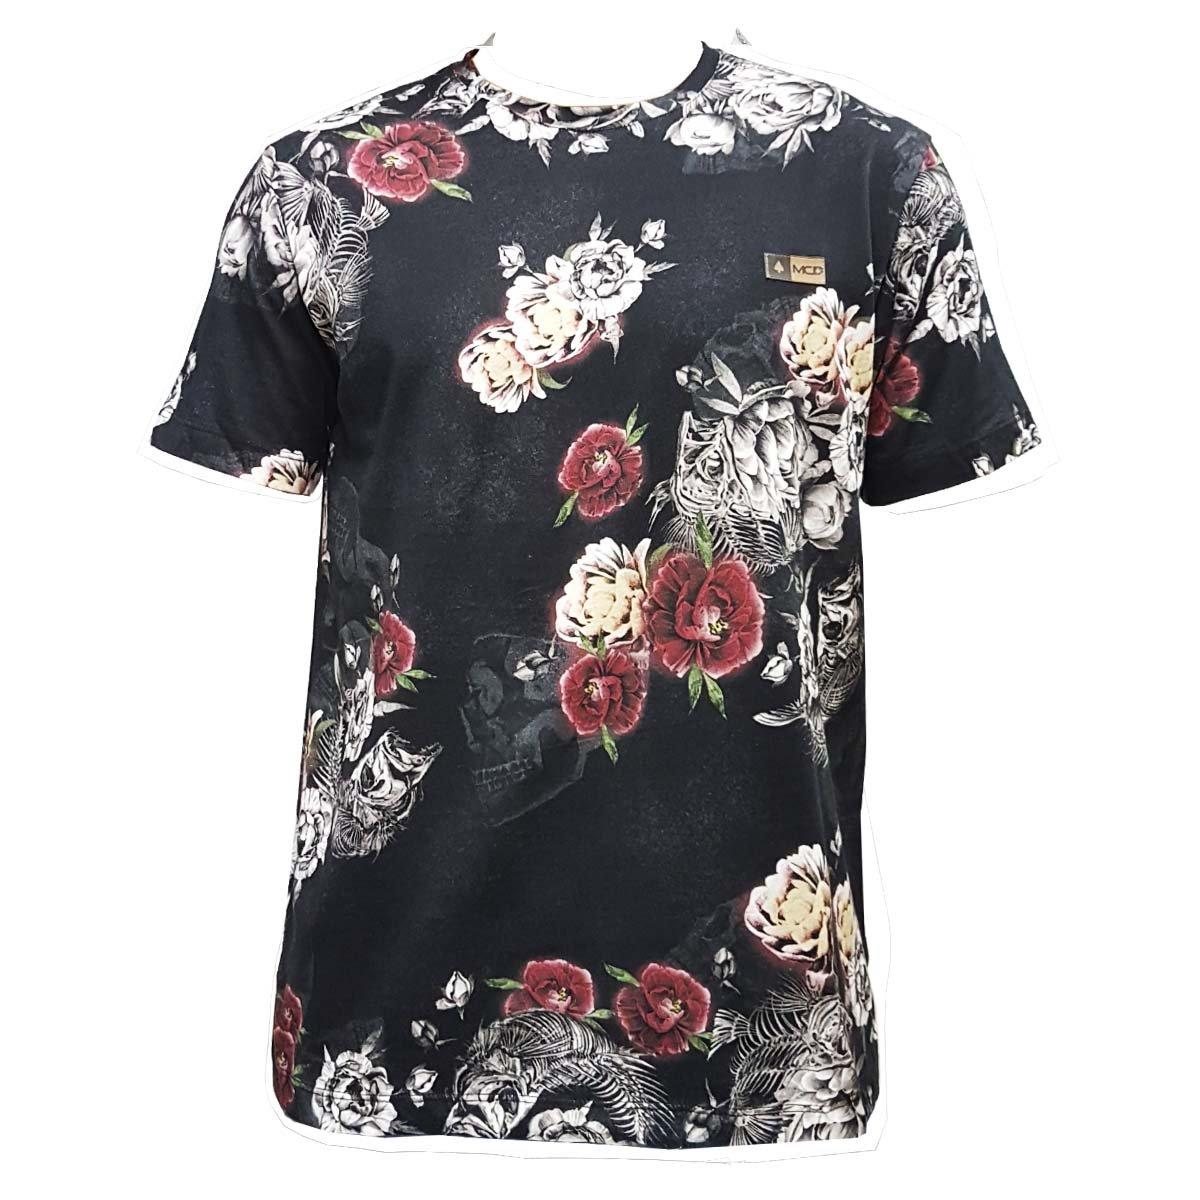 Camiseta MCD Especial Flower Fish Preta - Compre Agora  223984da368